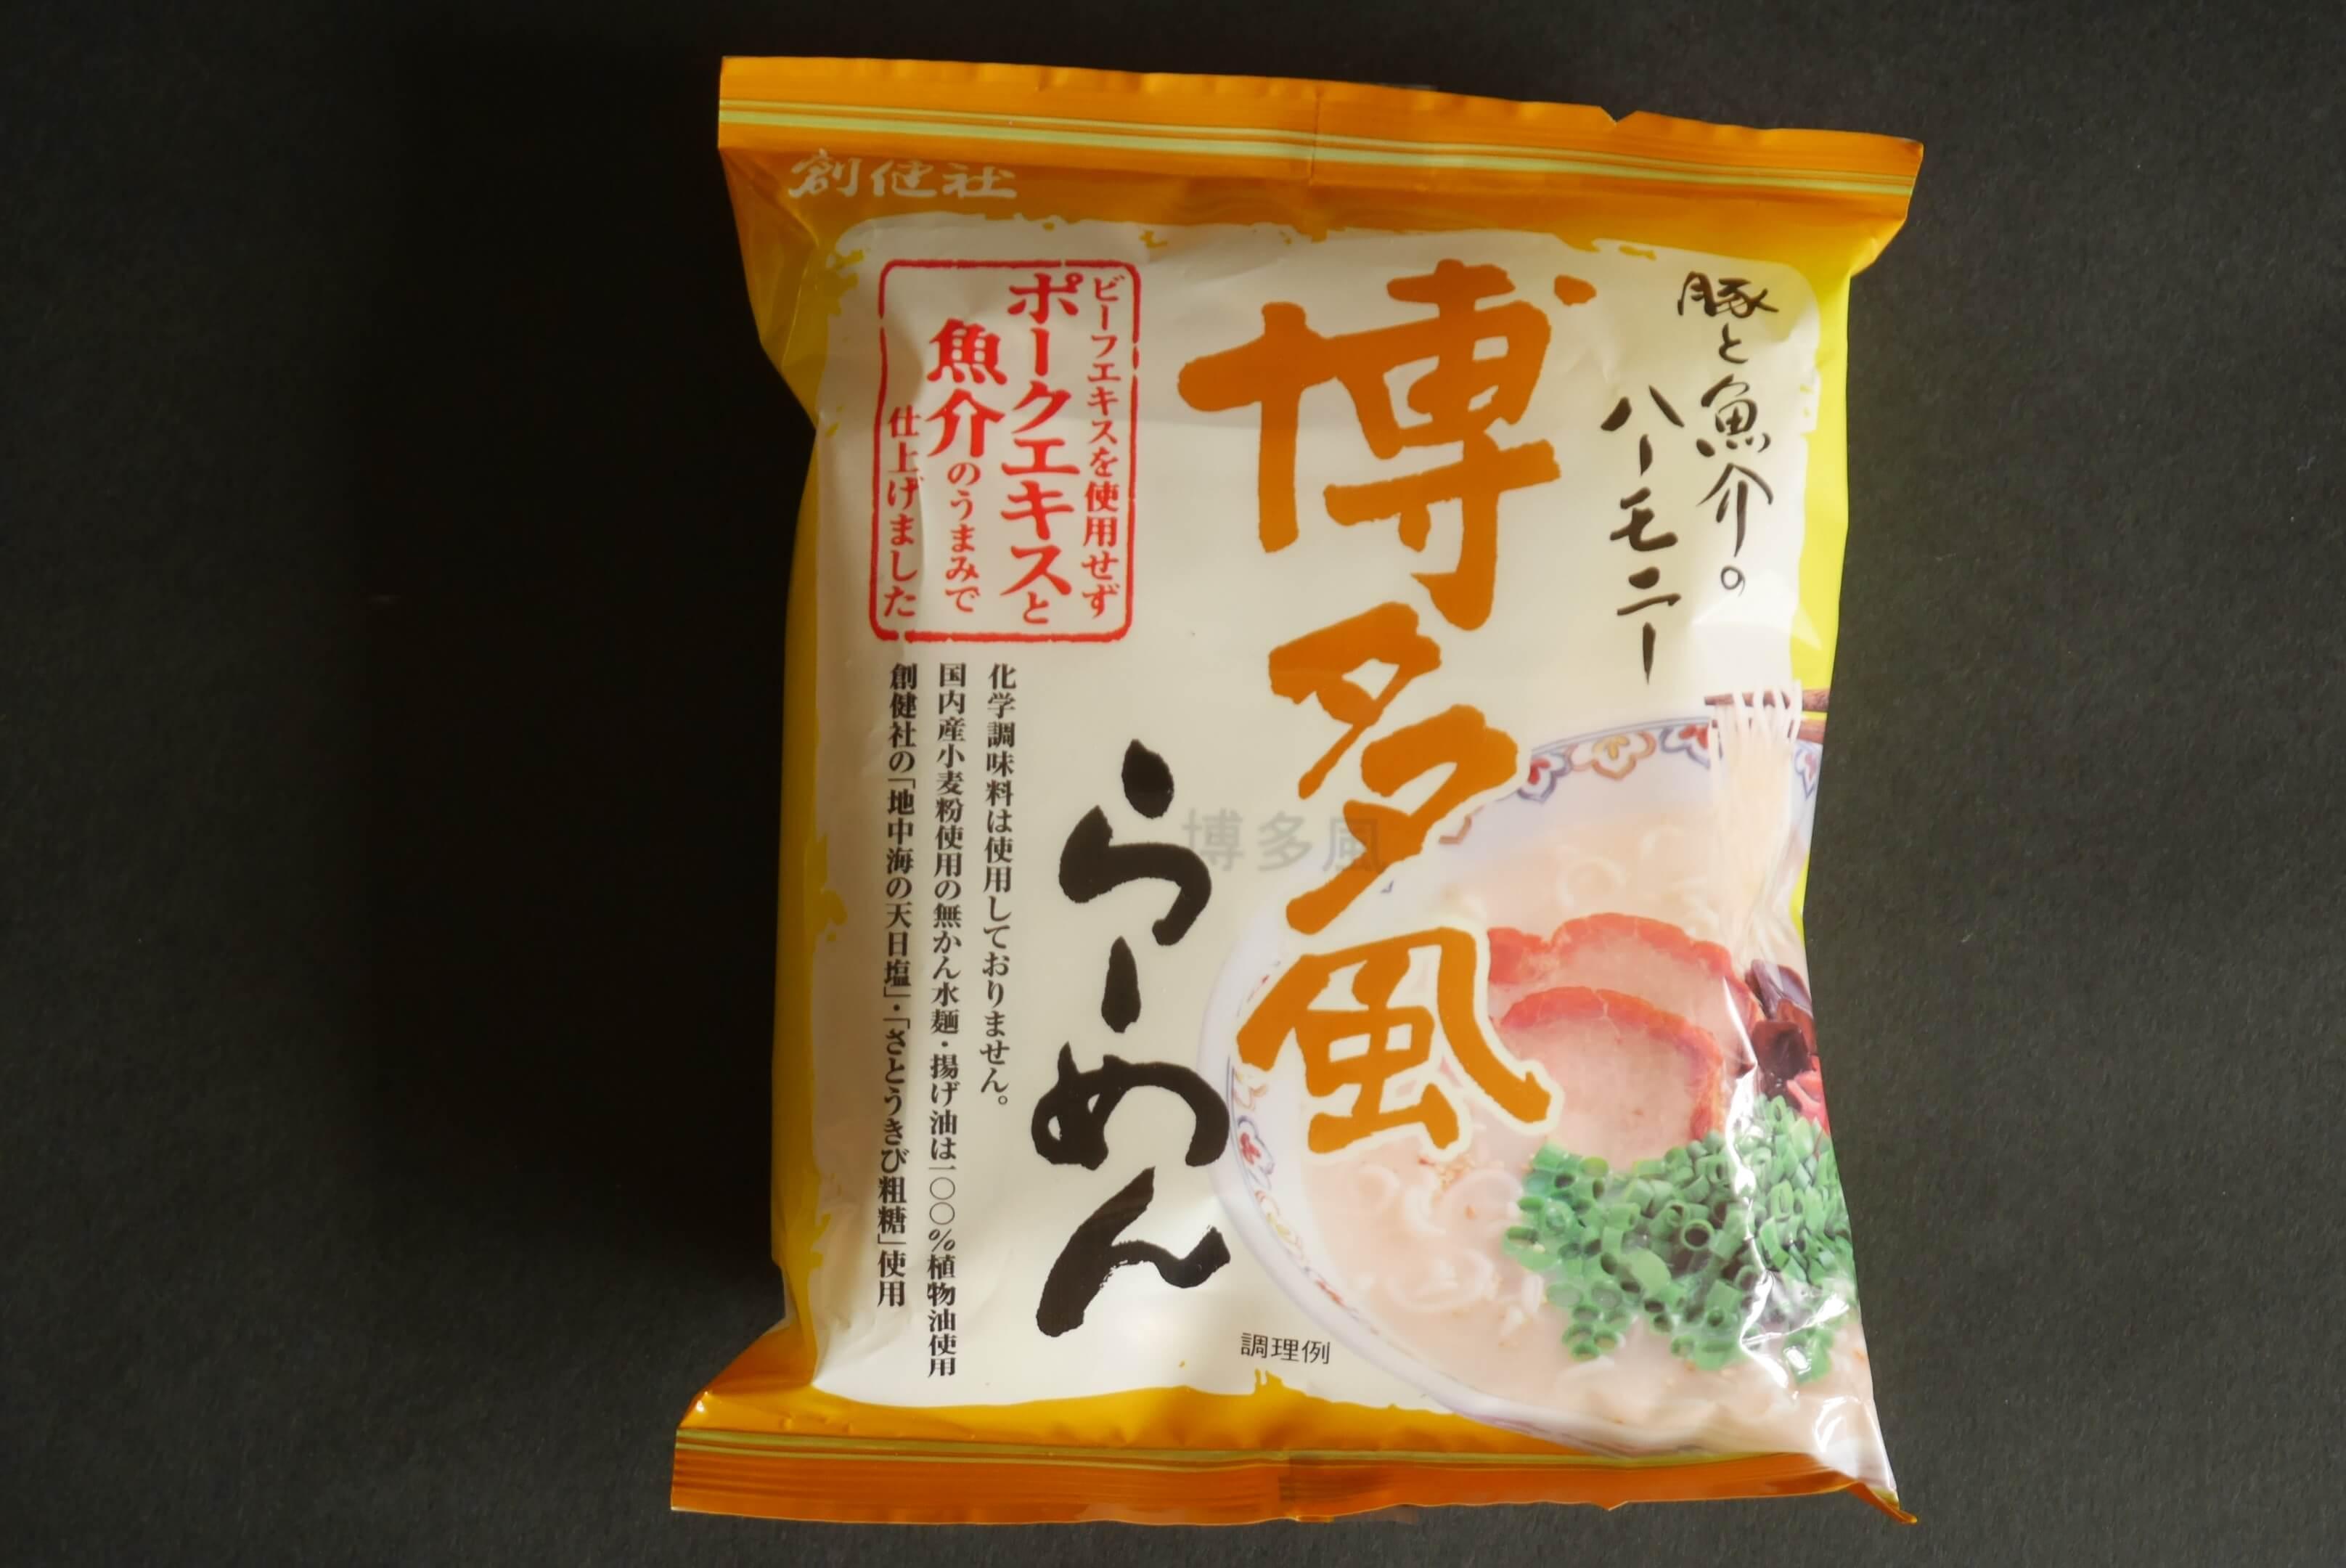 創健社│化学調味料無添加・国産小麦のインスタント「博多風らーめん」のレビュー